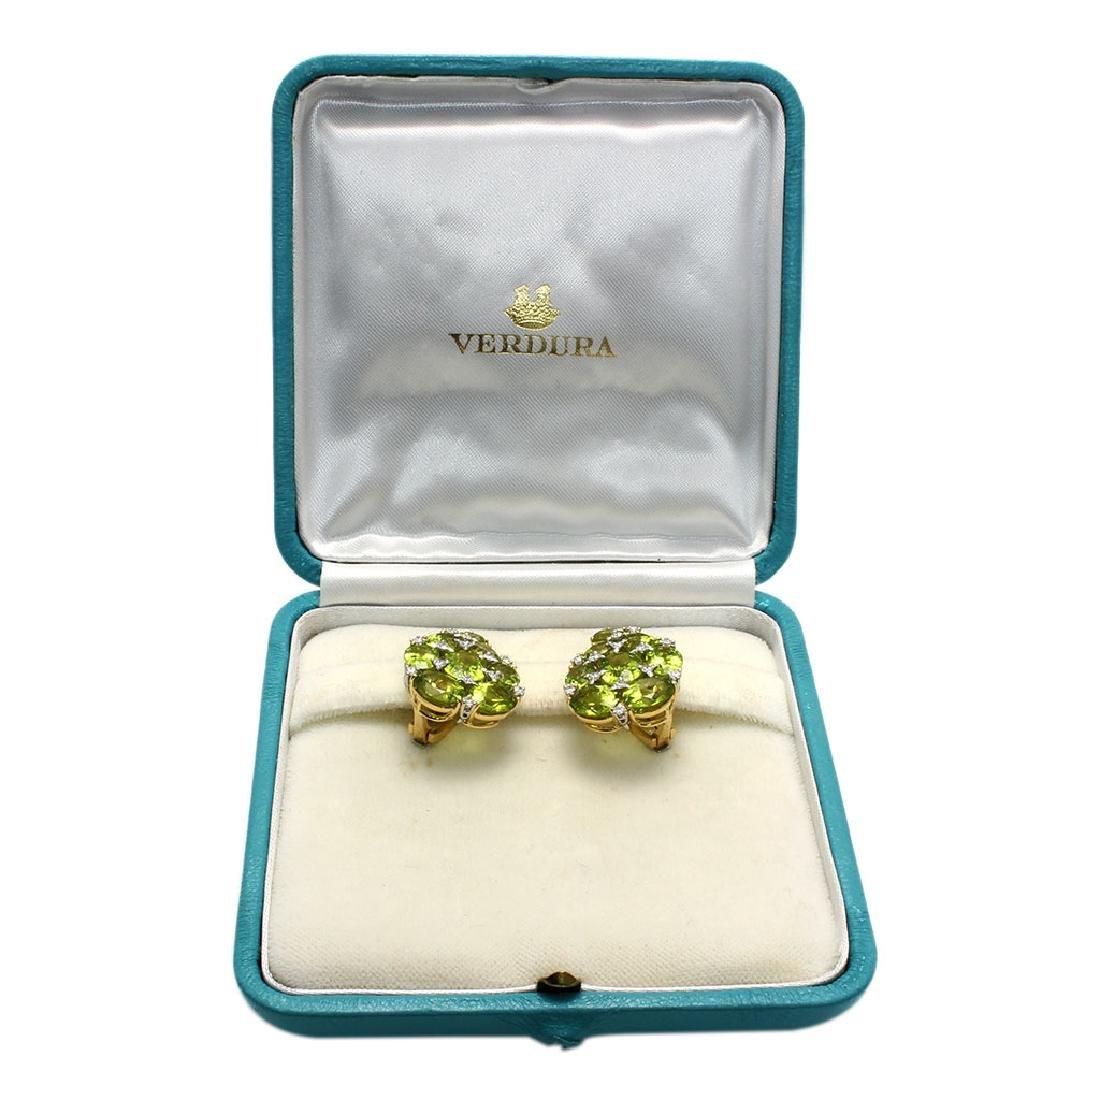 Verdura Peridot & Diamond 18K Gold Earrings